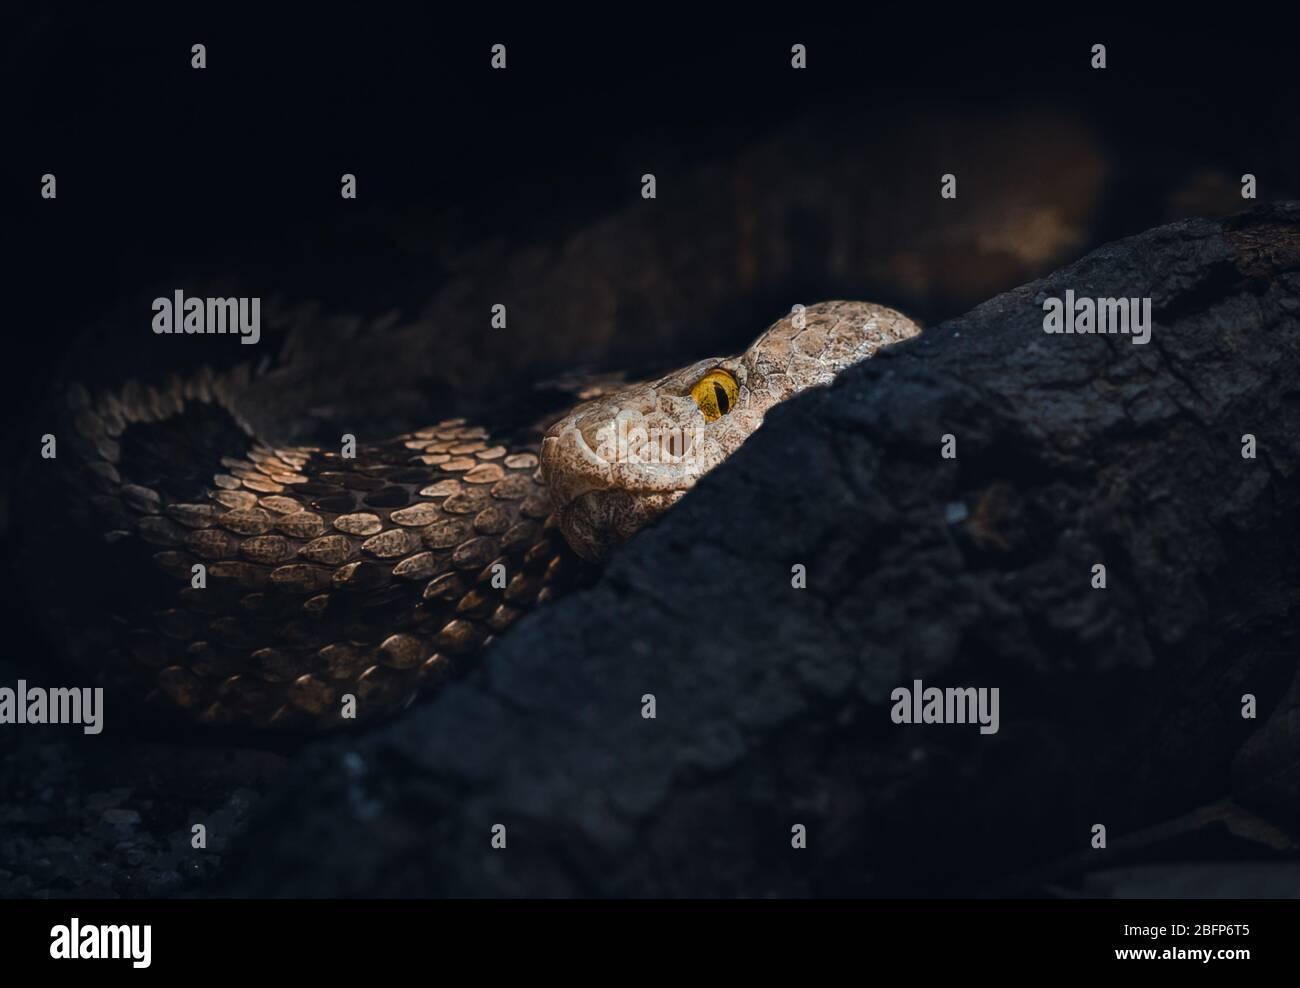 Un Piper de la familia Bothrops de serpientes. Responsable de más muertes en América Central y del Sur que cualquier otra serpiente. Usted quiere evitarlo :) Foto de stock